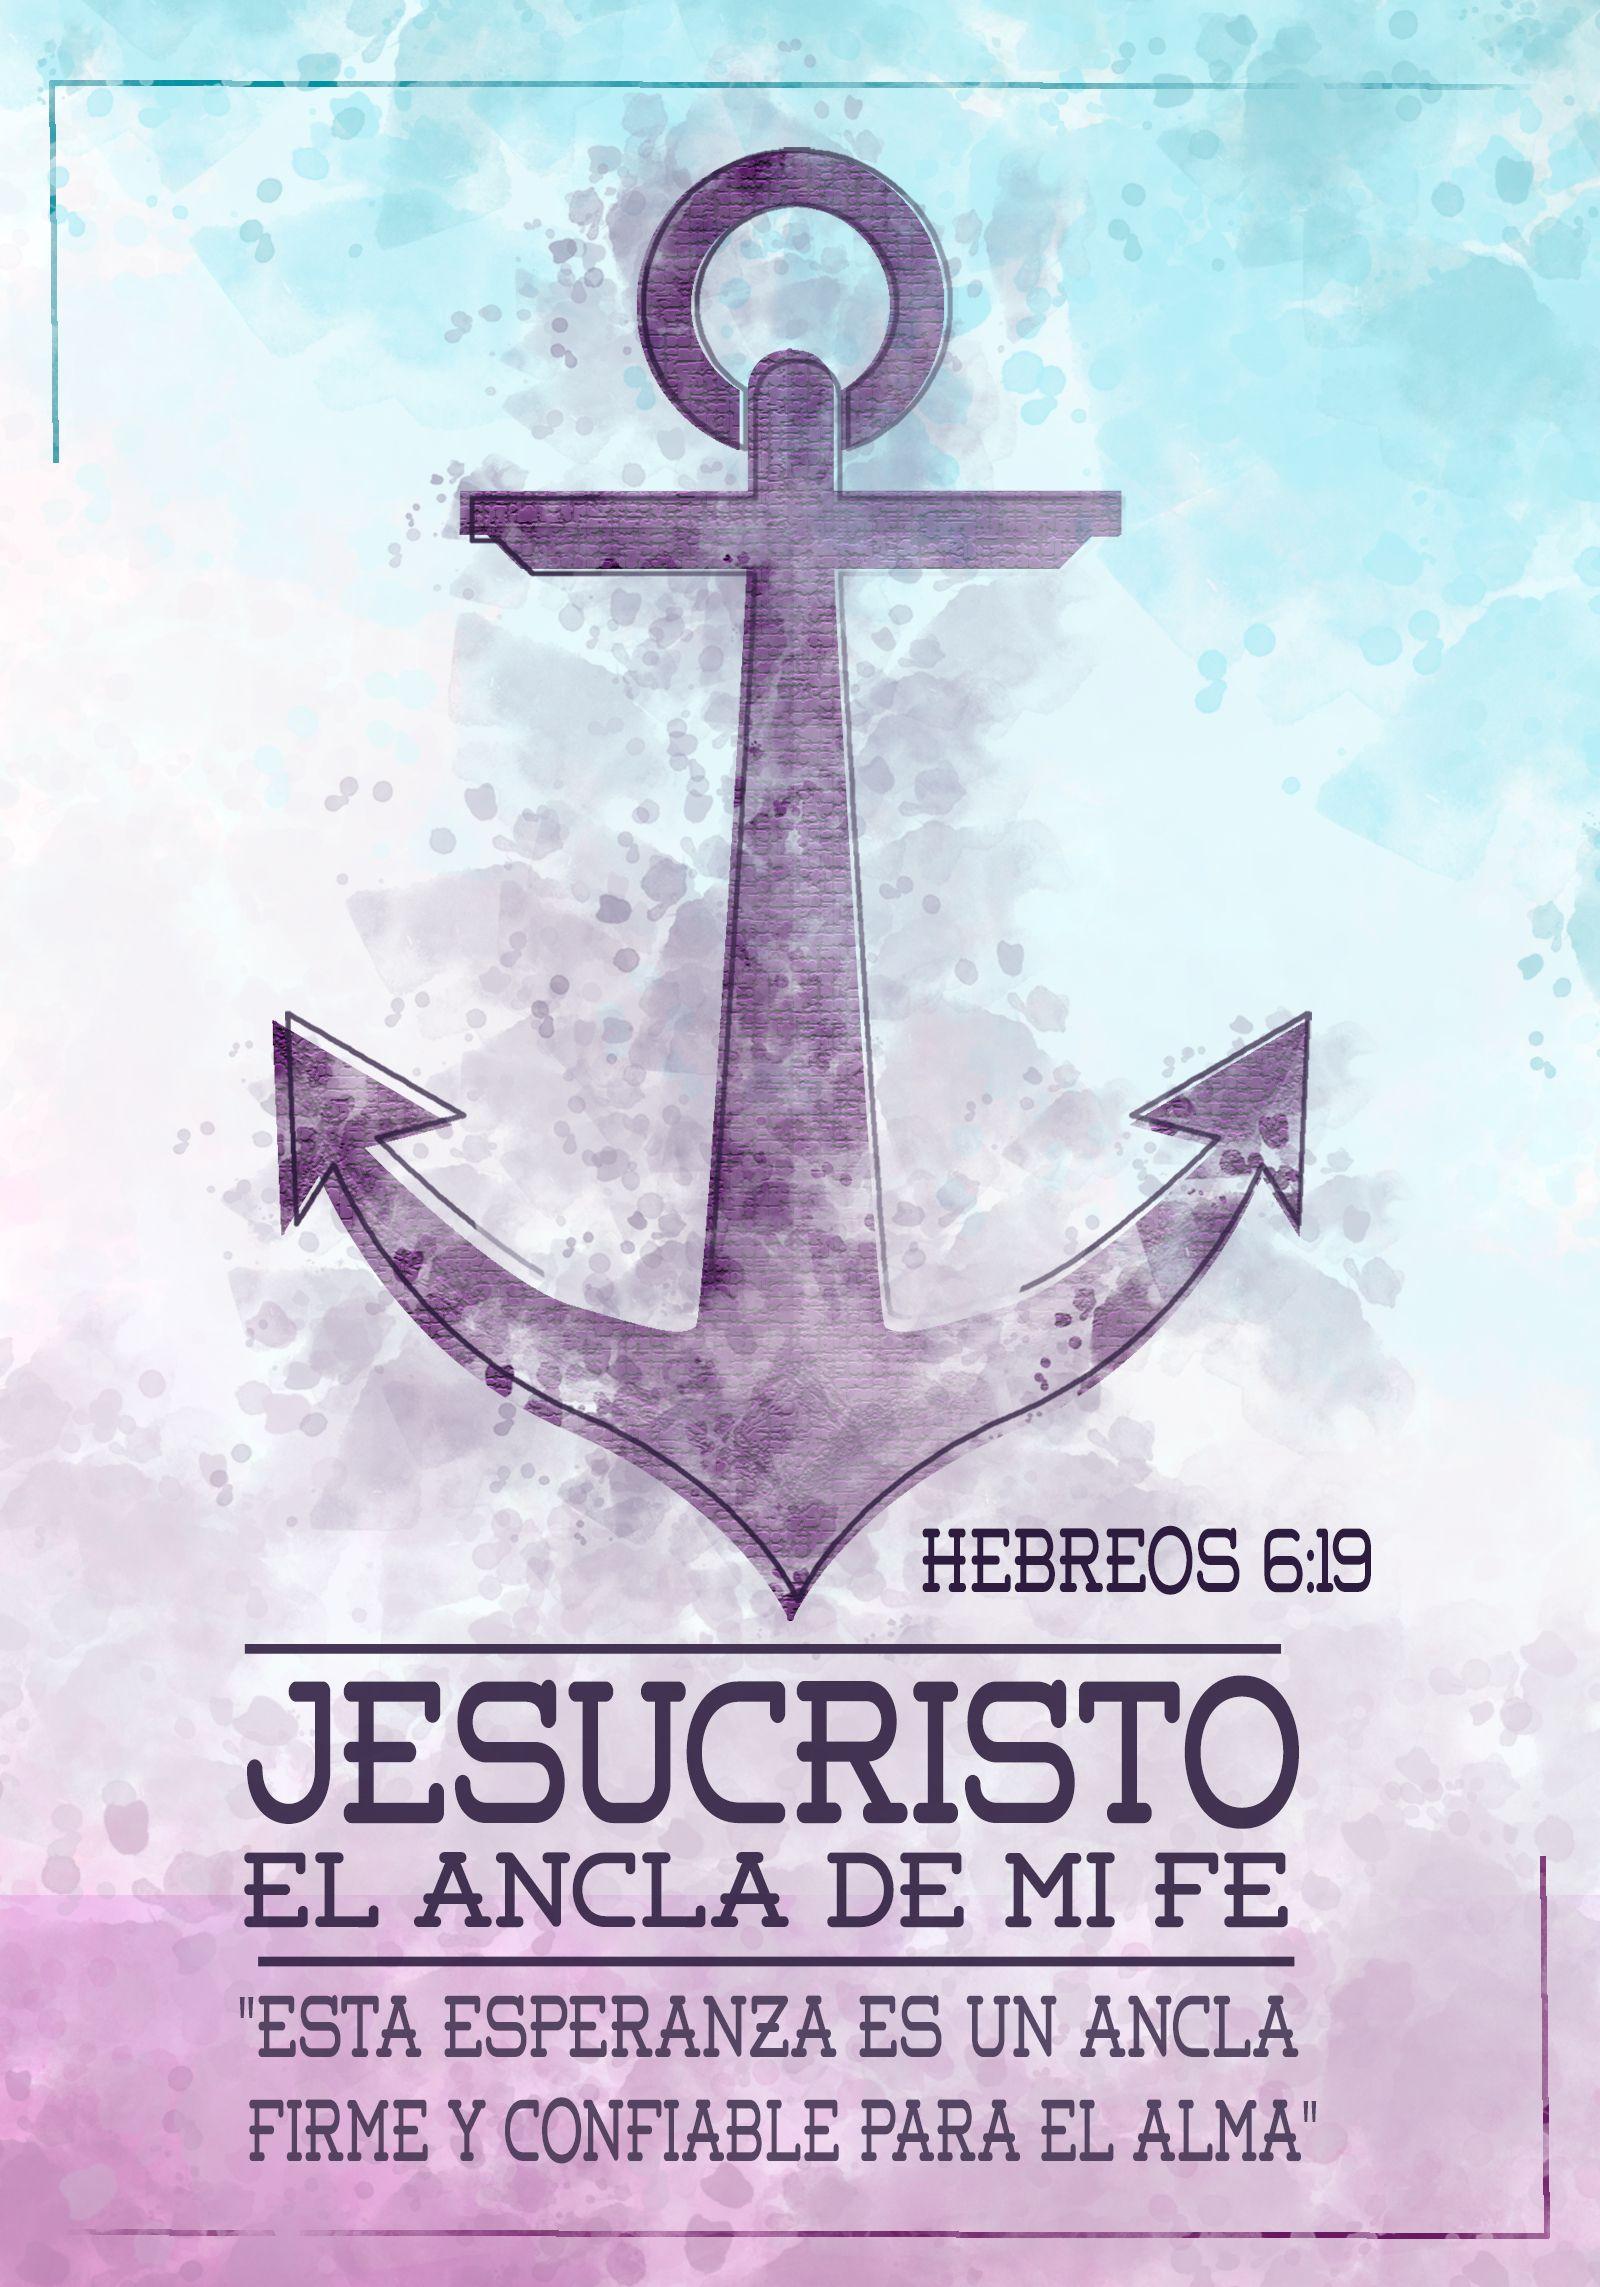 Jesucristo El Ancla De Mi Fe Frases Dios Mensaje De Dios